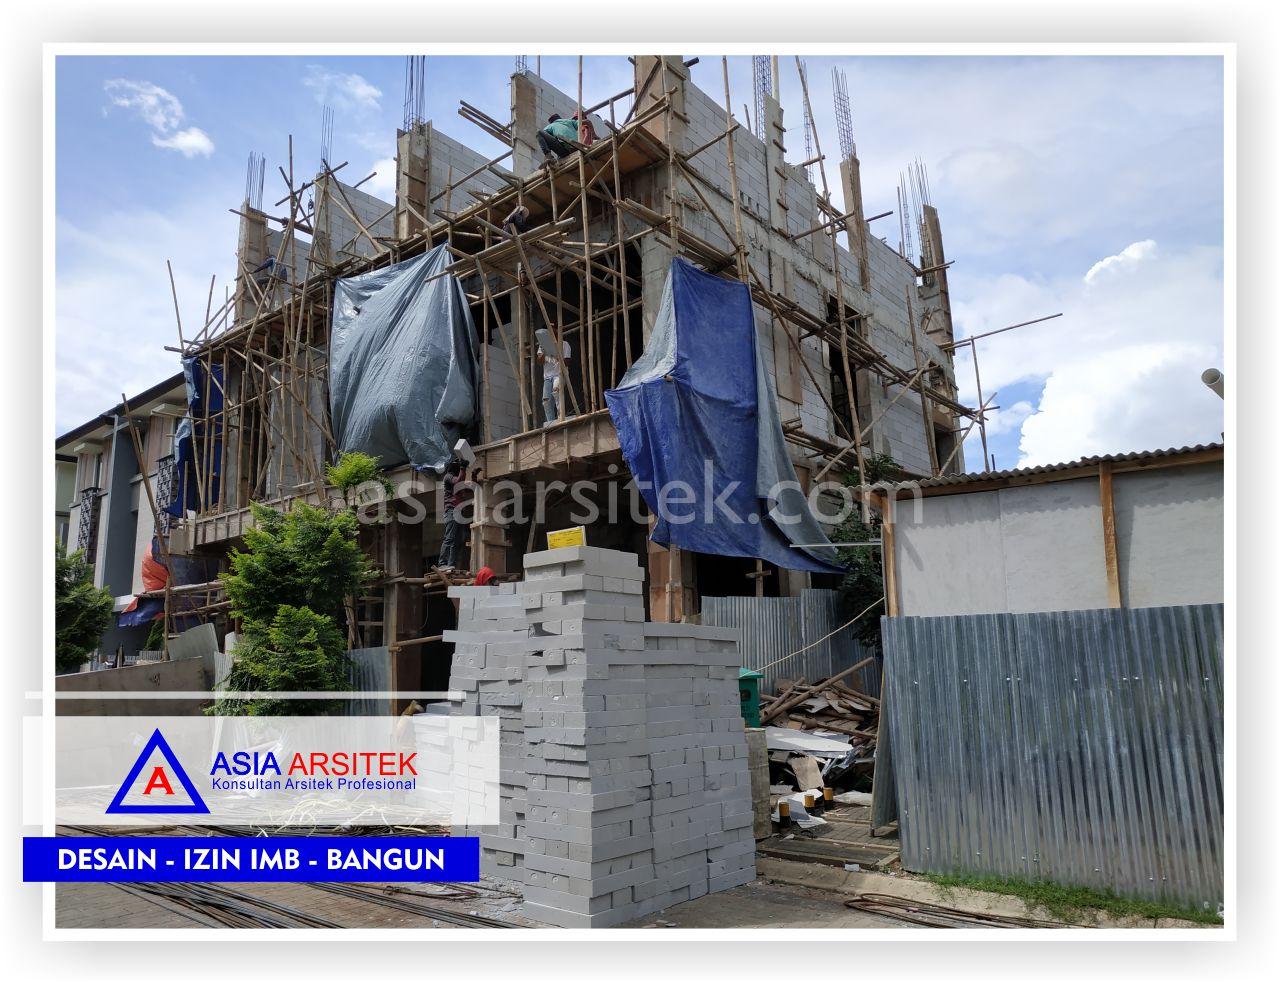 Tampak Depan Rumah Bpk Hendra Joe - Arsitek Desain Rumah Minimalis Modern Di Tangerang-Jakarta-Bogor-Bekasi-Bandung-Jasa Konsultan Desain Arsitek Profesional (3)